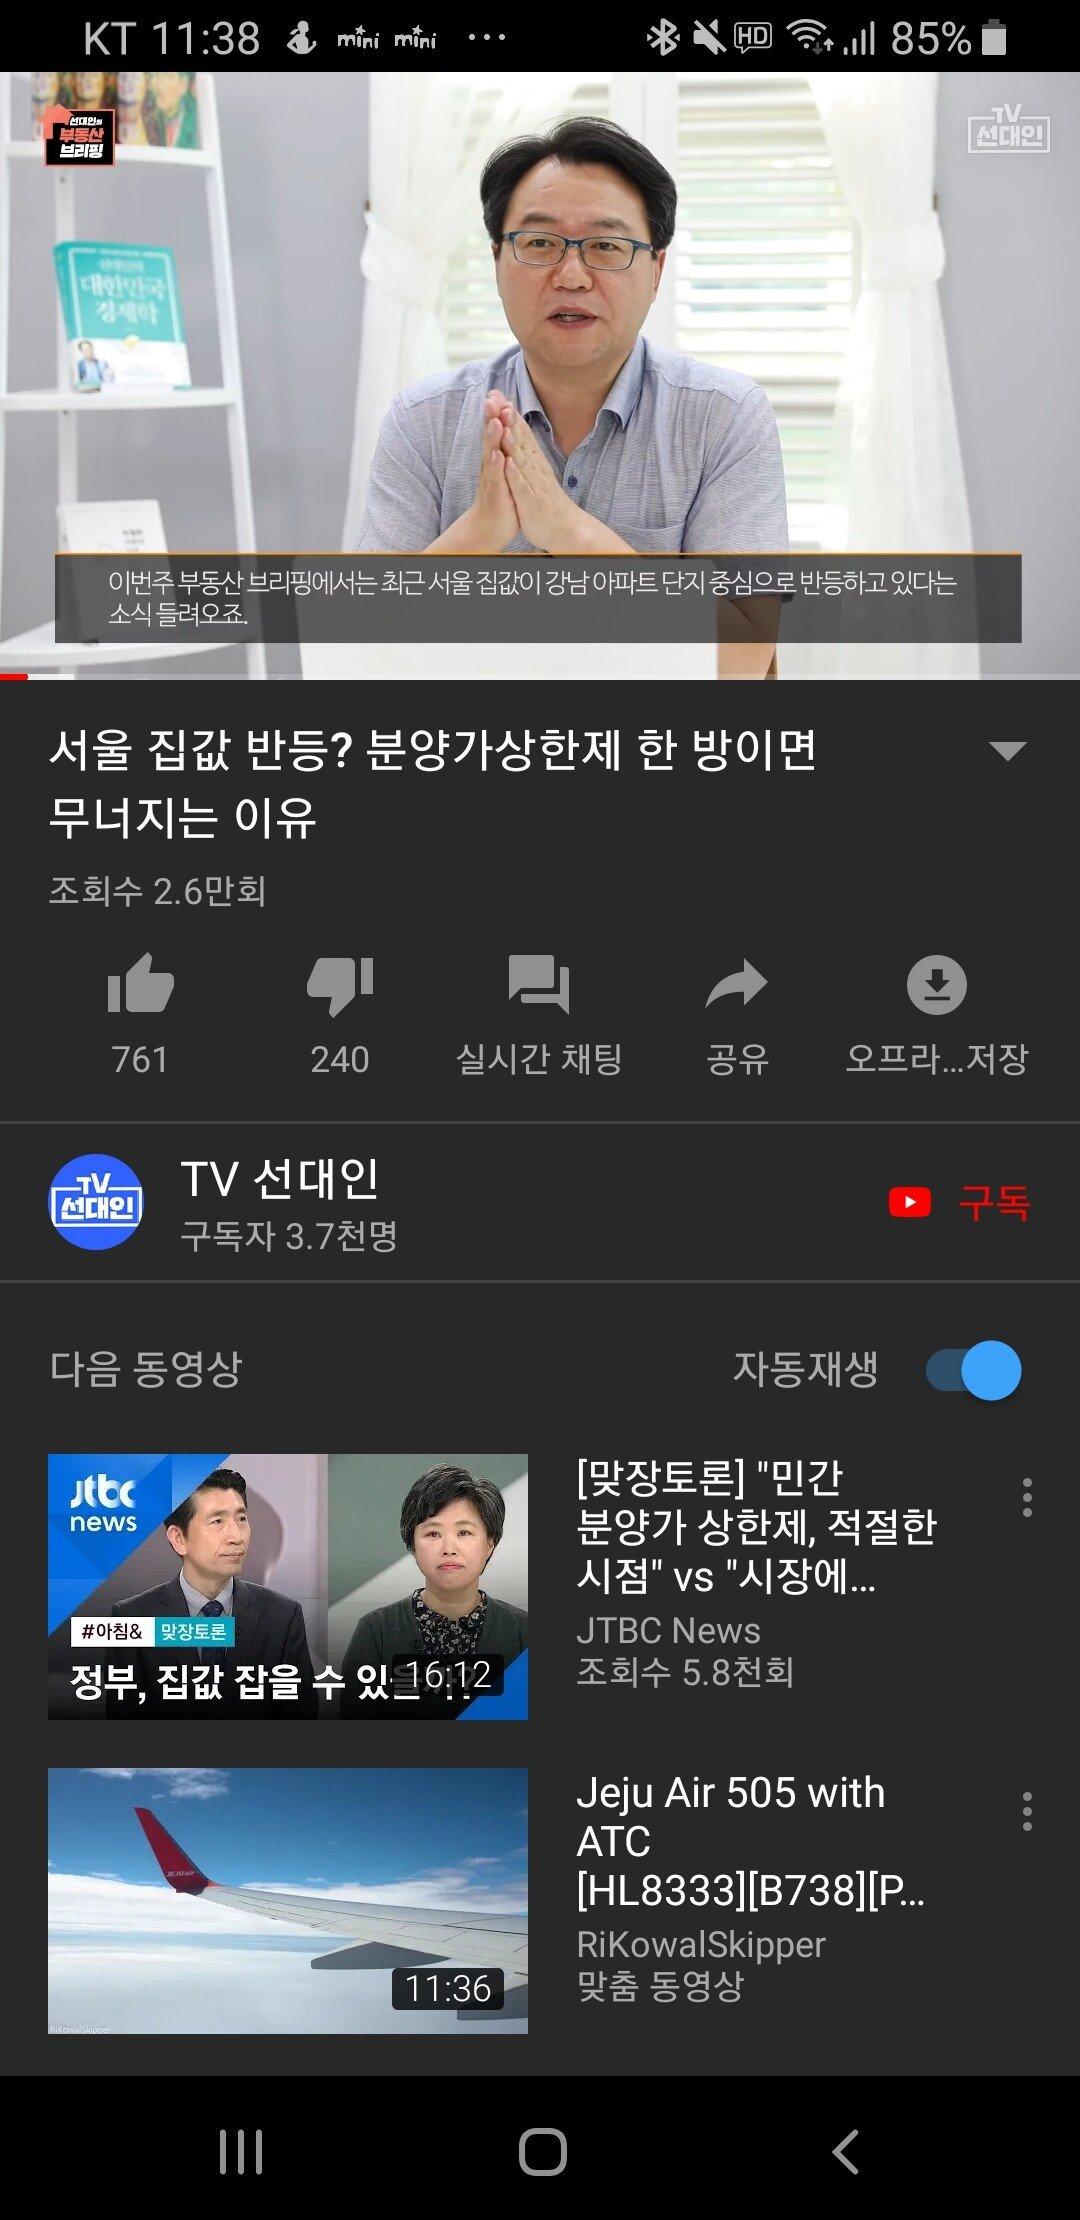 서울에 집 사야 하는 이유